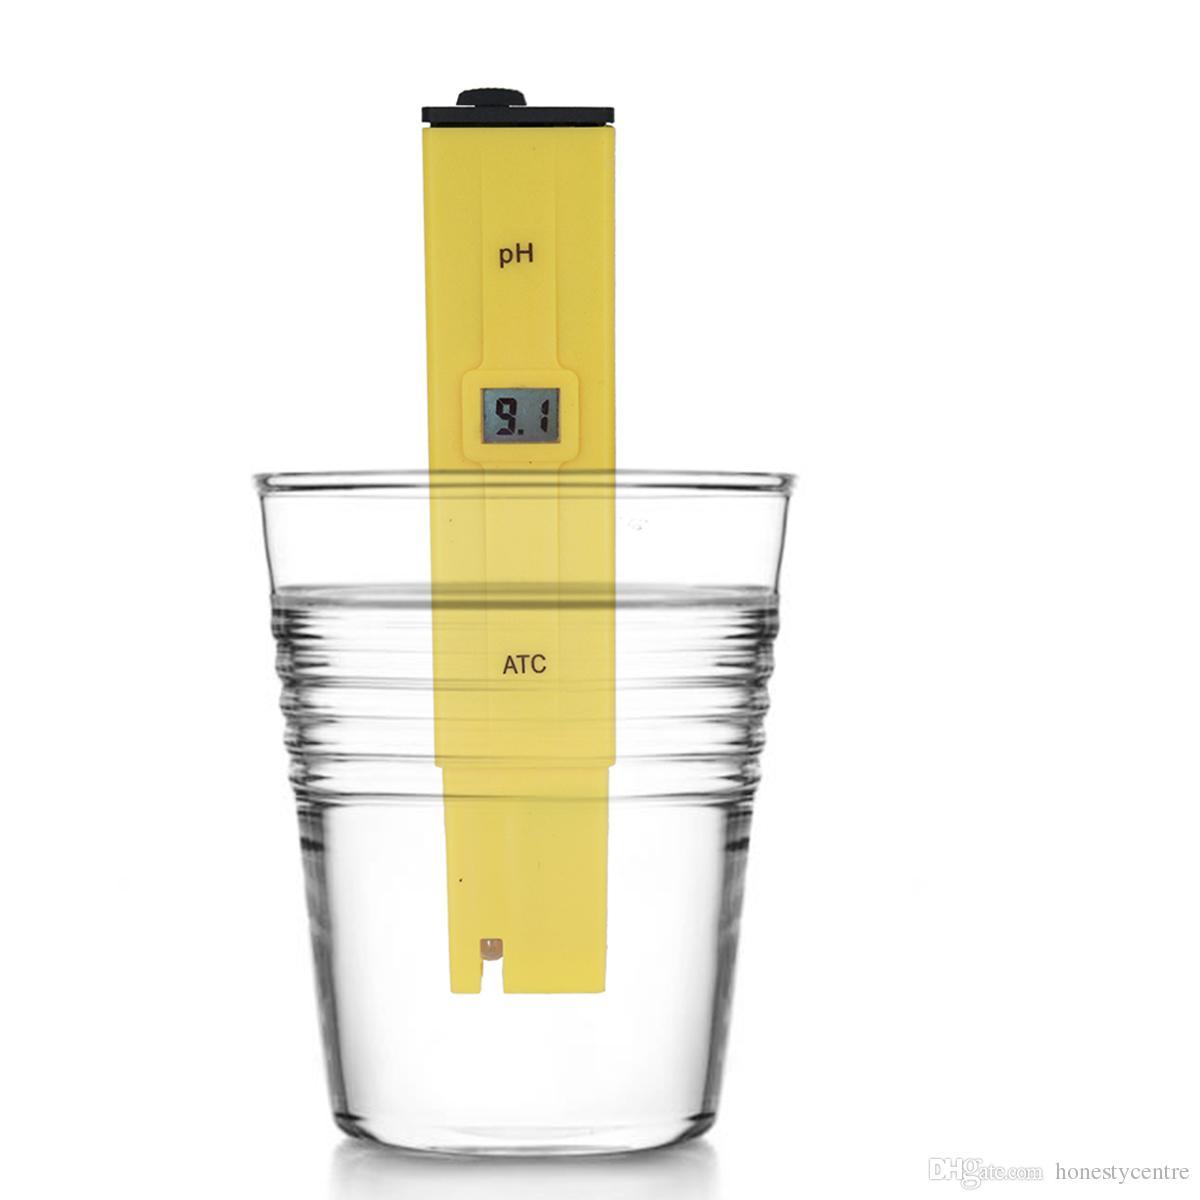 10 قطعة / الوحدة ممتاز الجيب القلم محلل نوع العرض الرقمي ph متر سباحة بركة اختبار نوعية المياه الحموضة